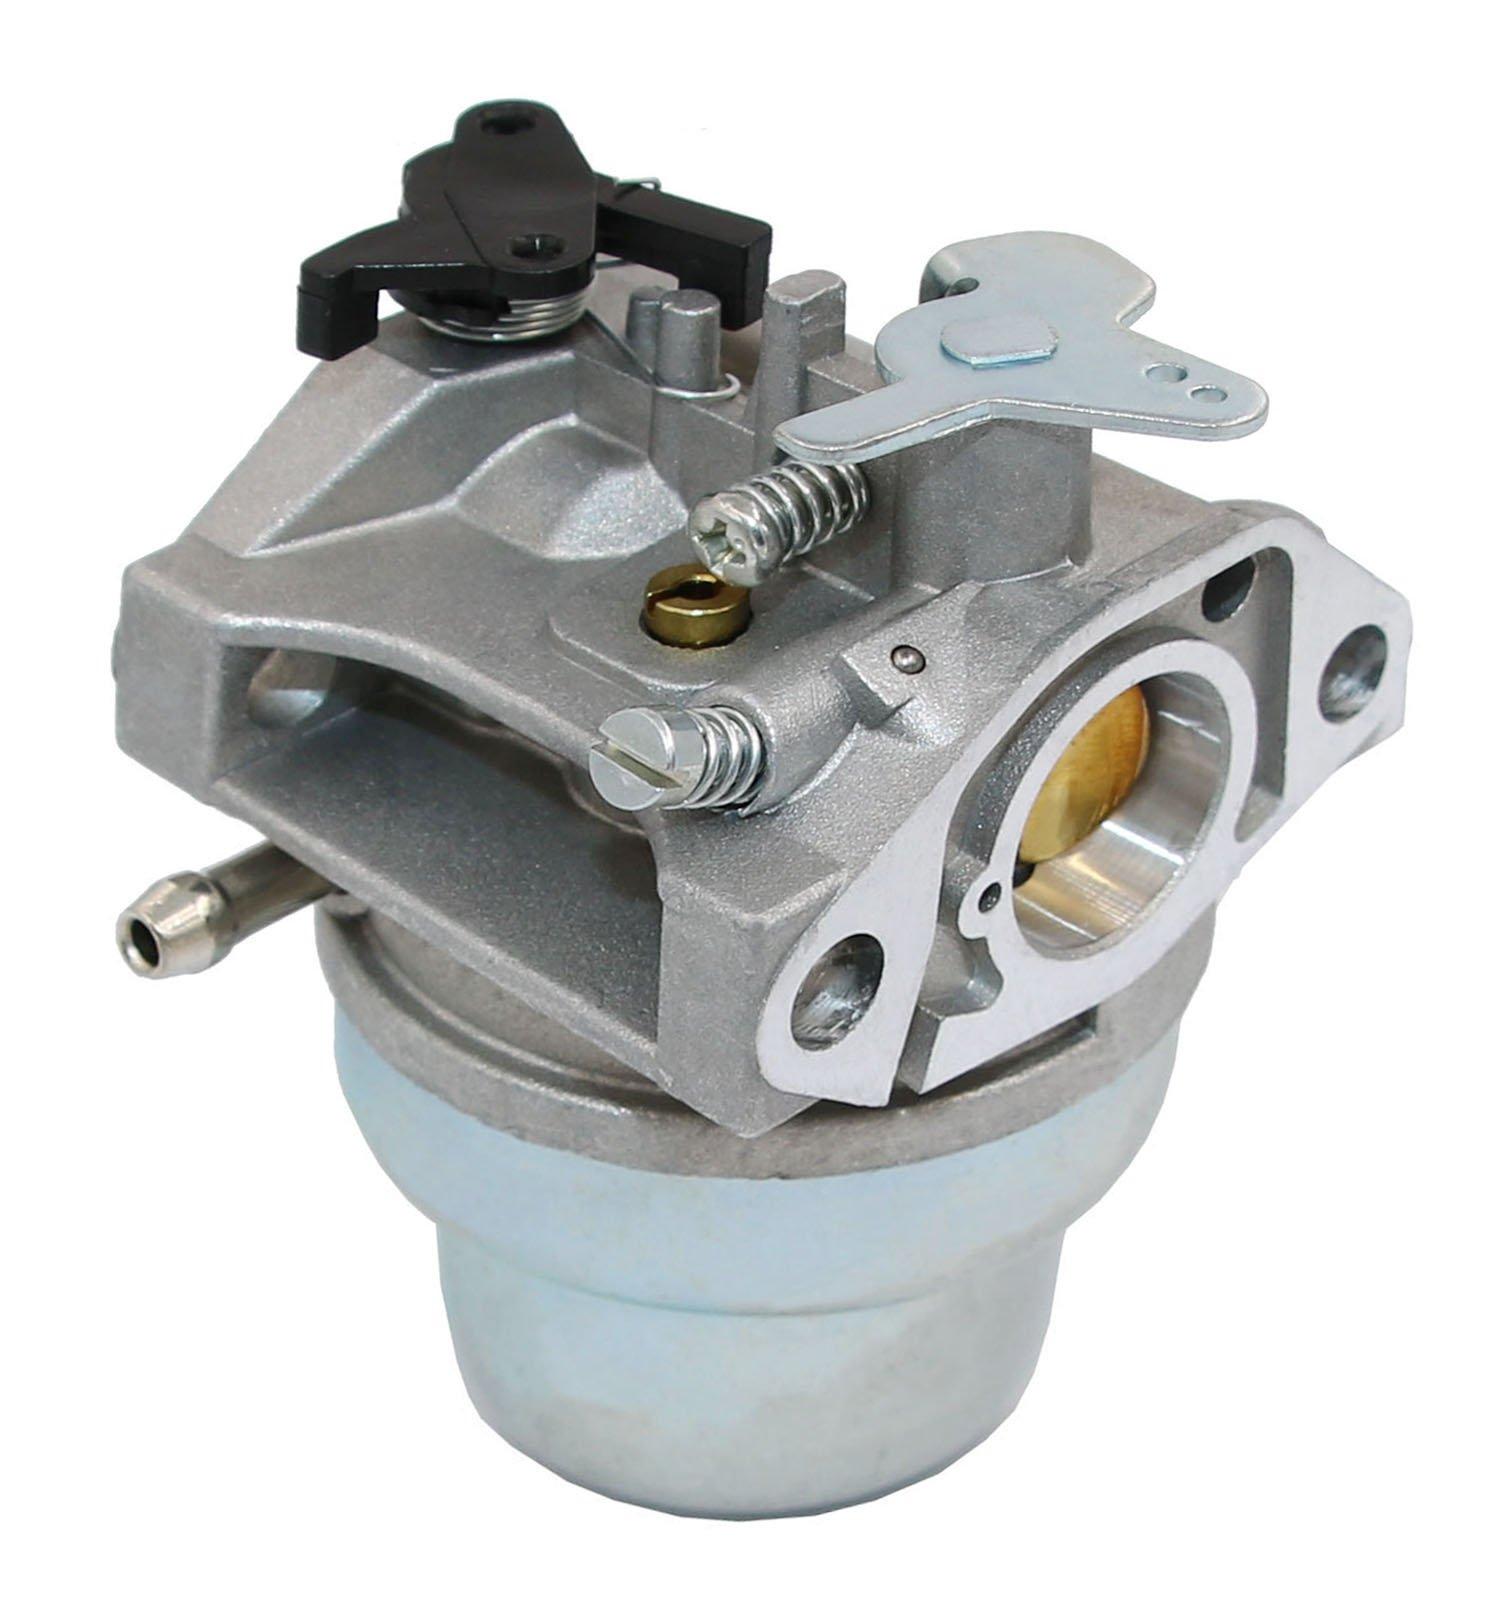 GCV160 Carburetor for Honda HRT216 HRR216 GCV160a HRS216 - Honda GCV160 Carburetor by HOOAI (Image #7)